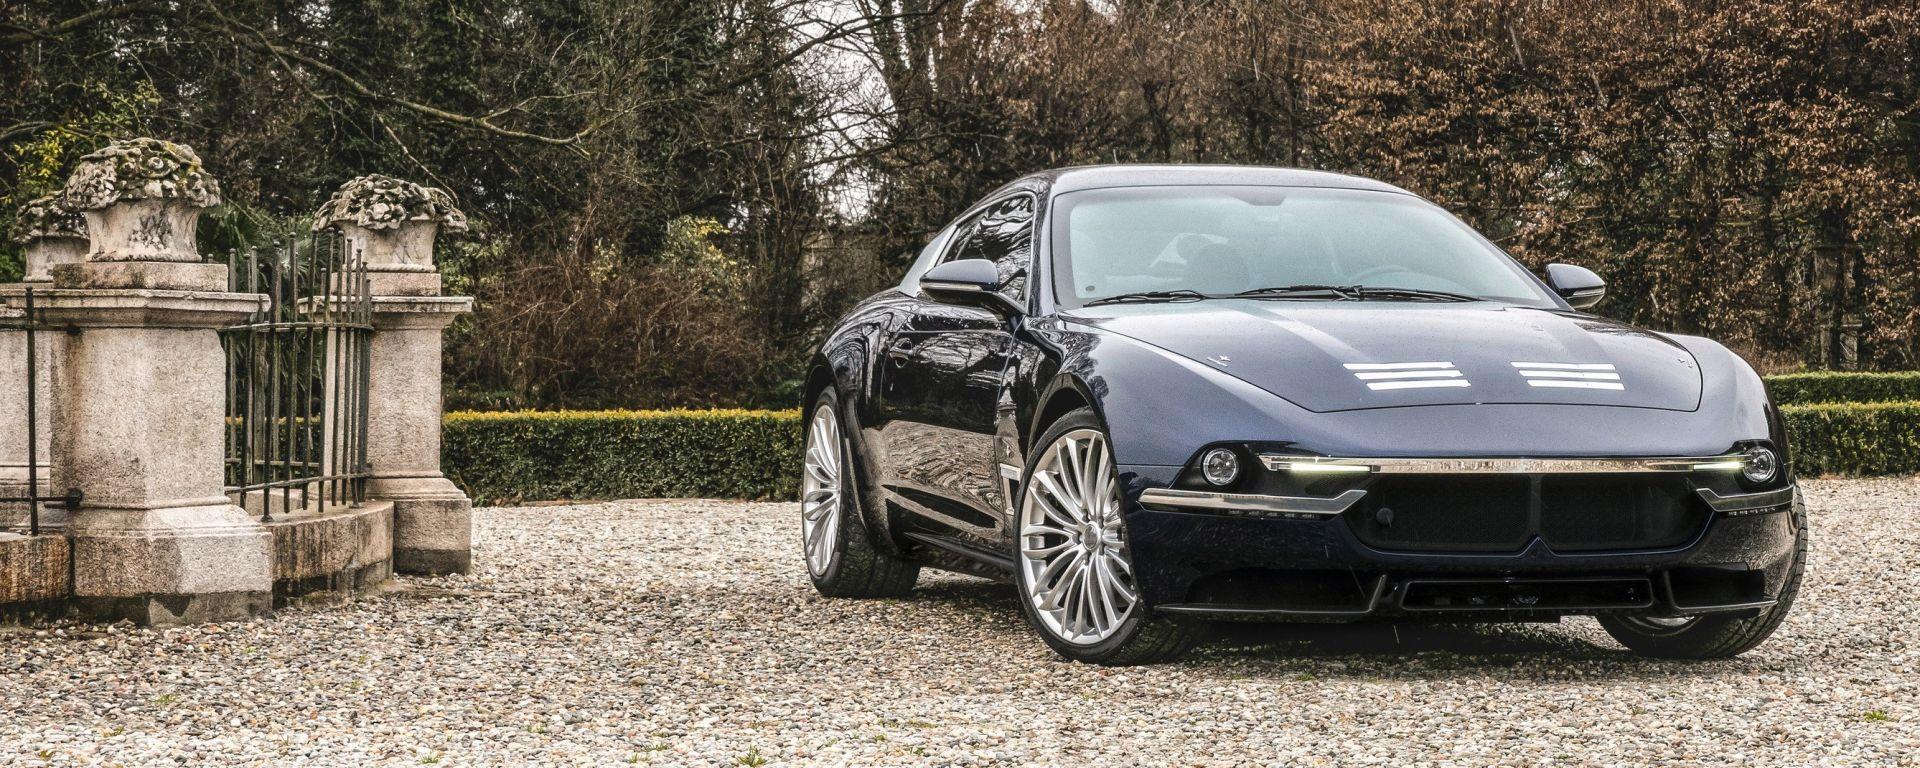 Touring Sciadipersia: una nuova visione di Gran Turismo a Ginevra 2018